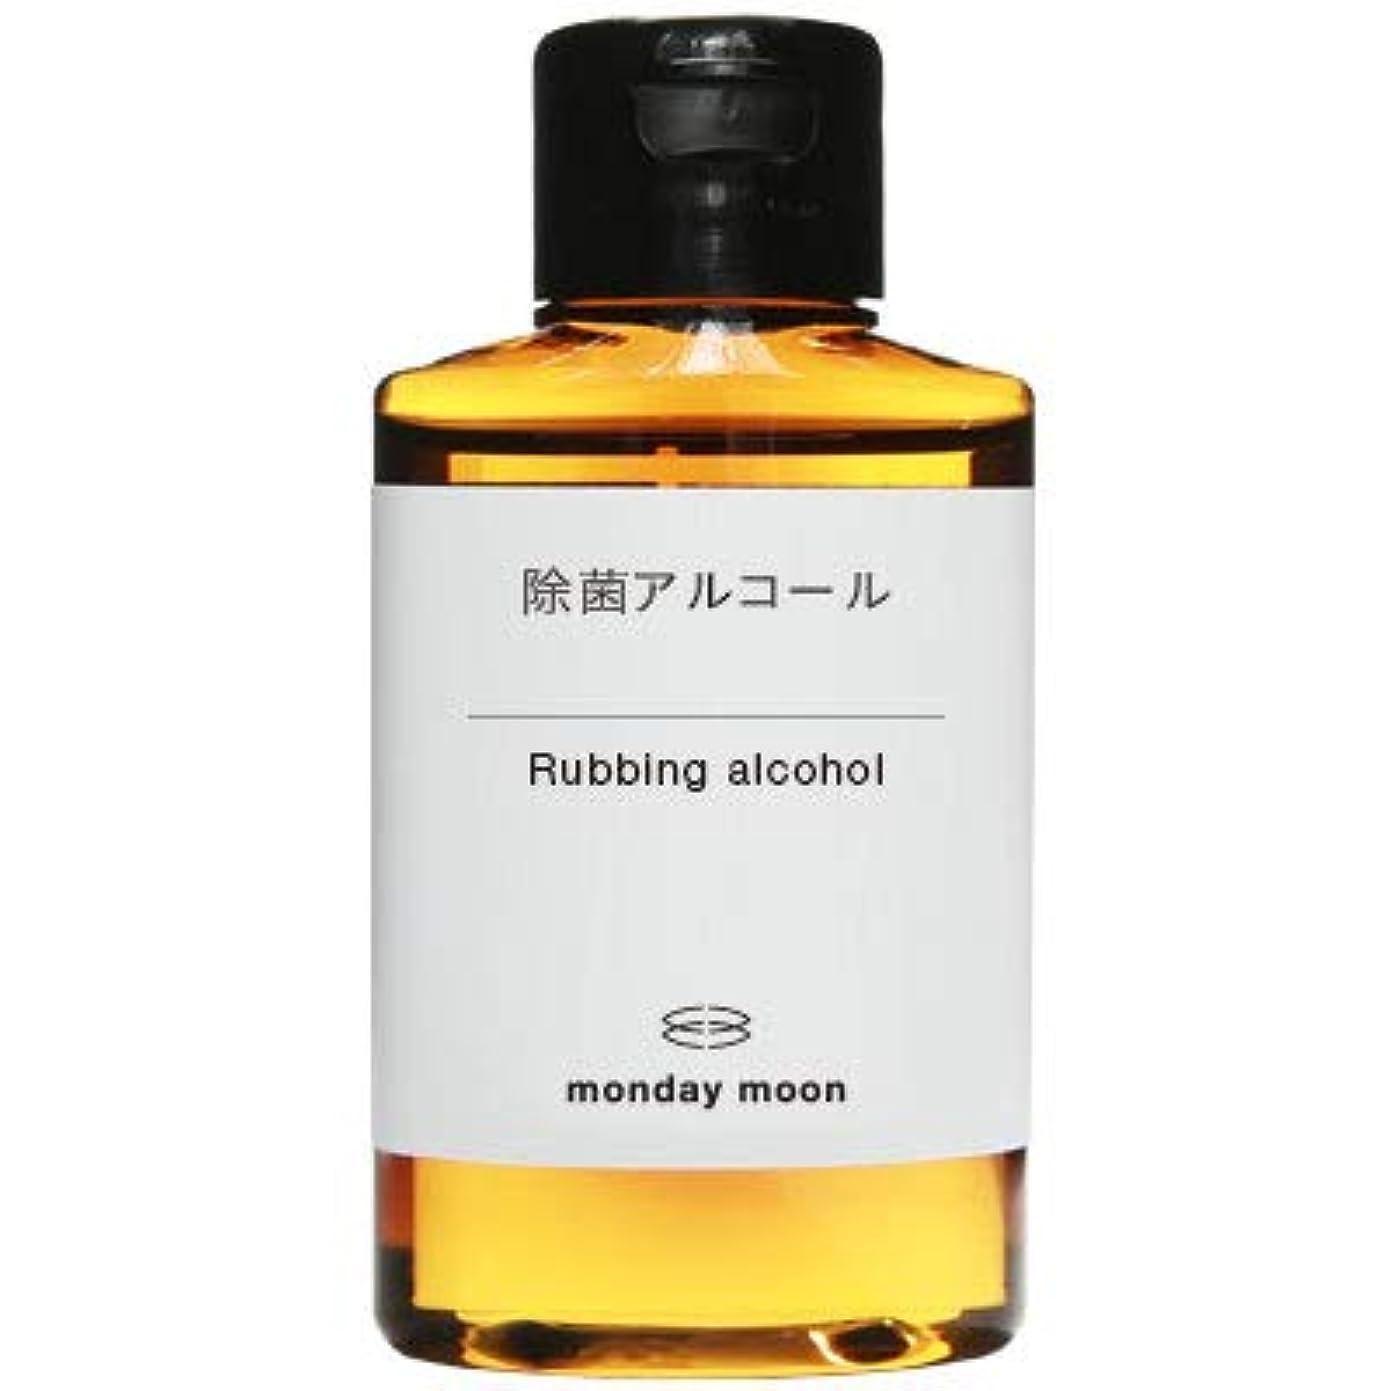 別れるケーブルカープロジェクター除菌アルコール/50ml[メール便対応ボトル]